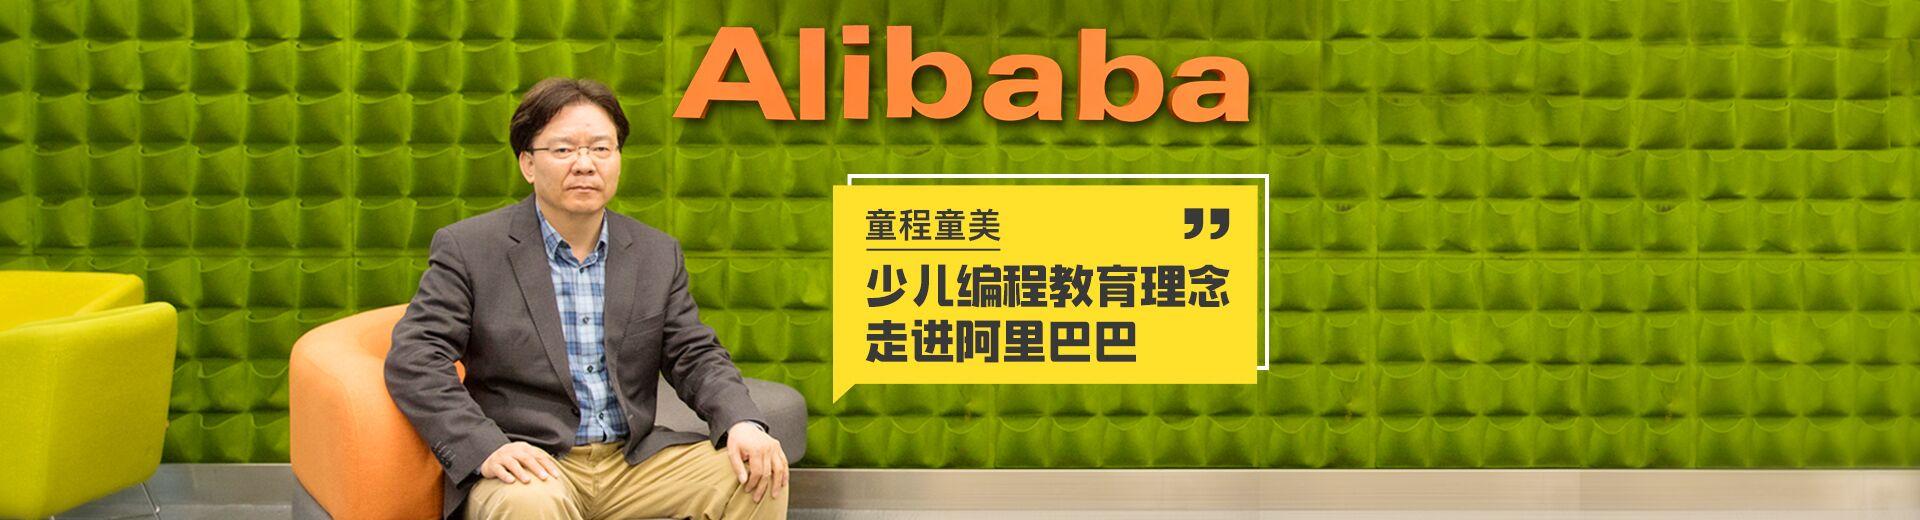 童程童美中国少儿威廉希尔手机app教育理念走进阿里巴巴